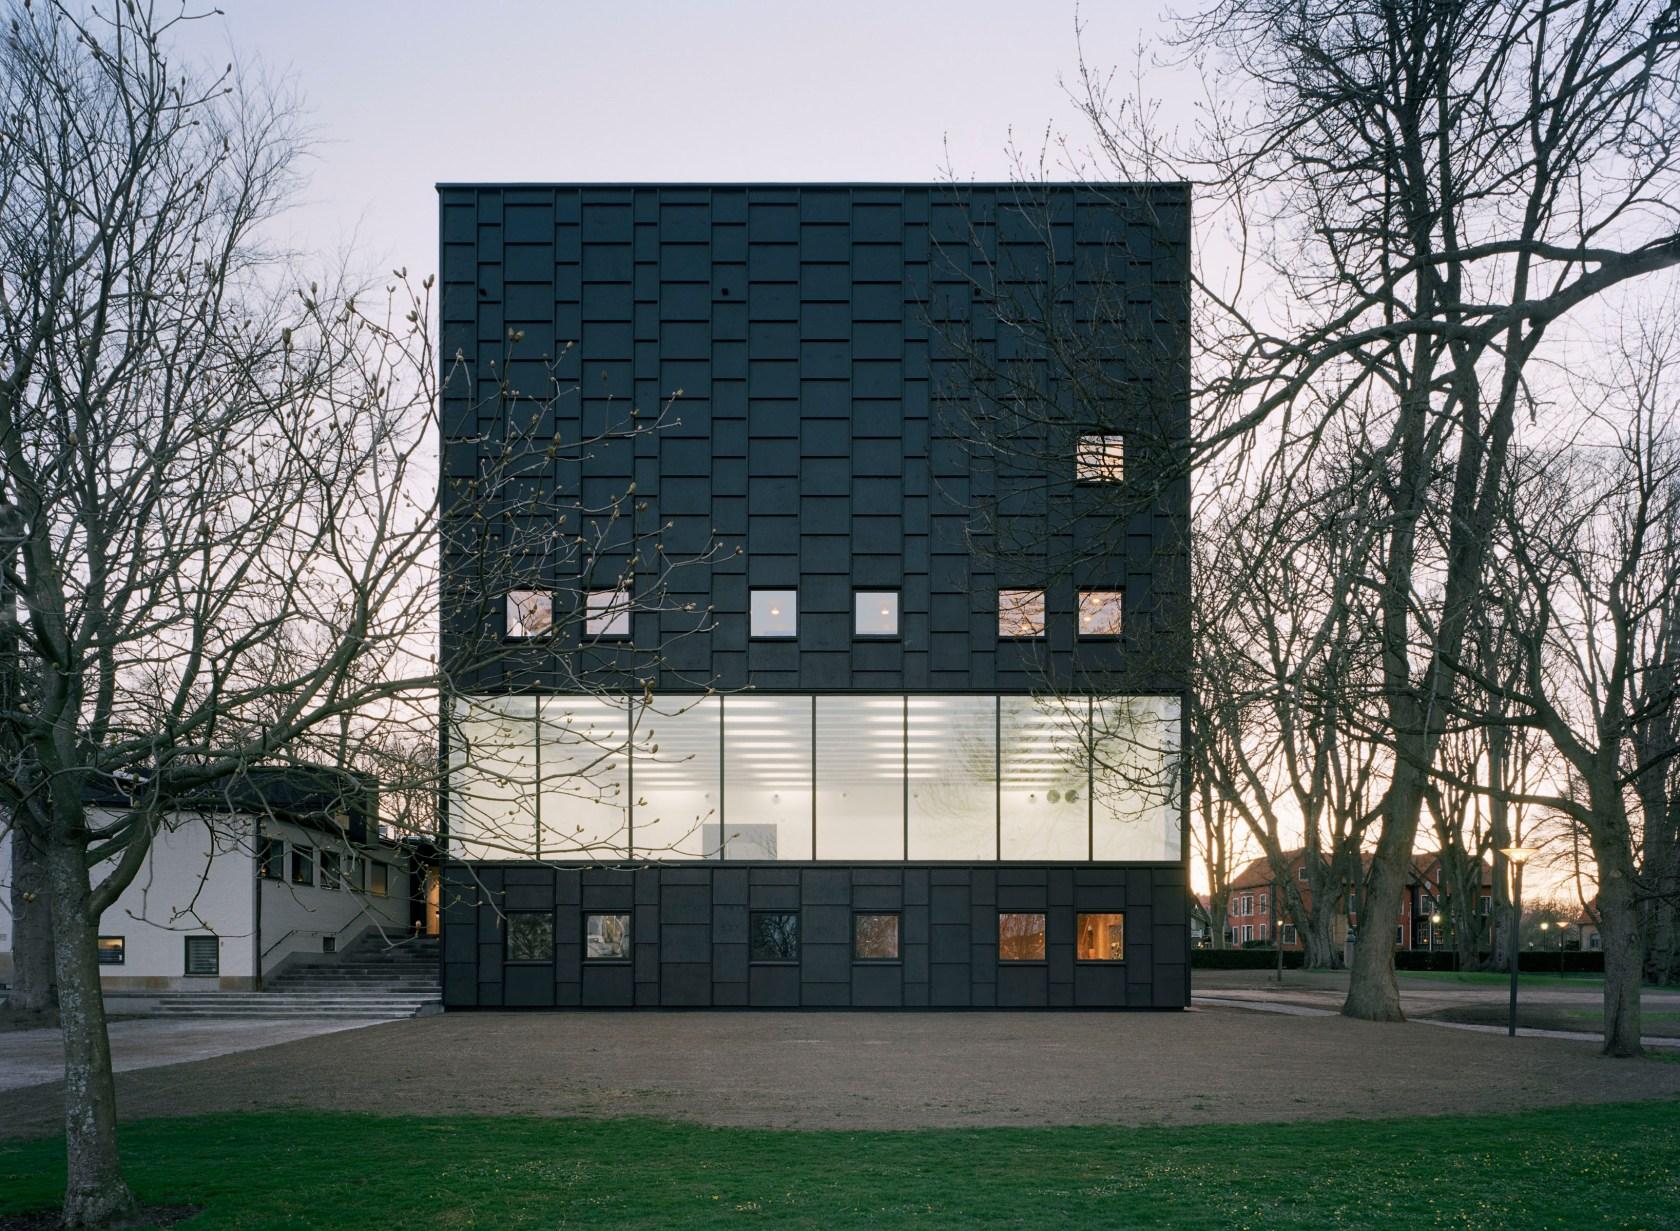 Tham & Videg Arkitekter - Architizer